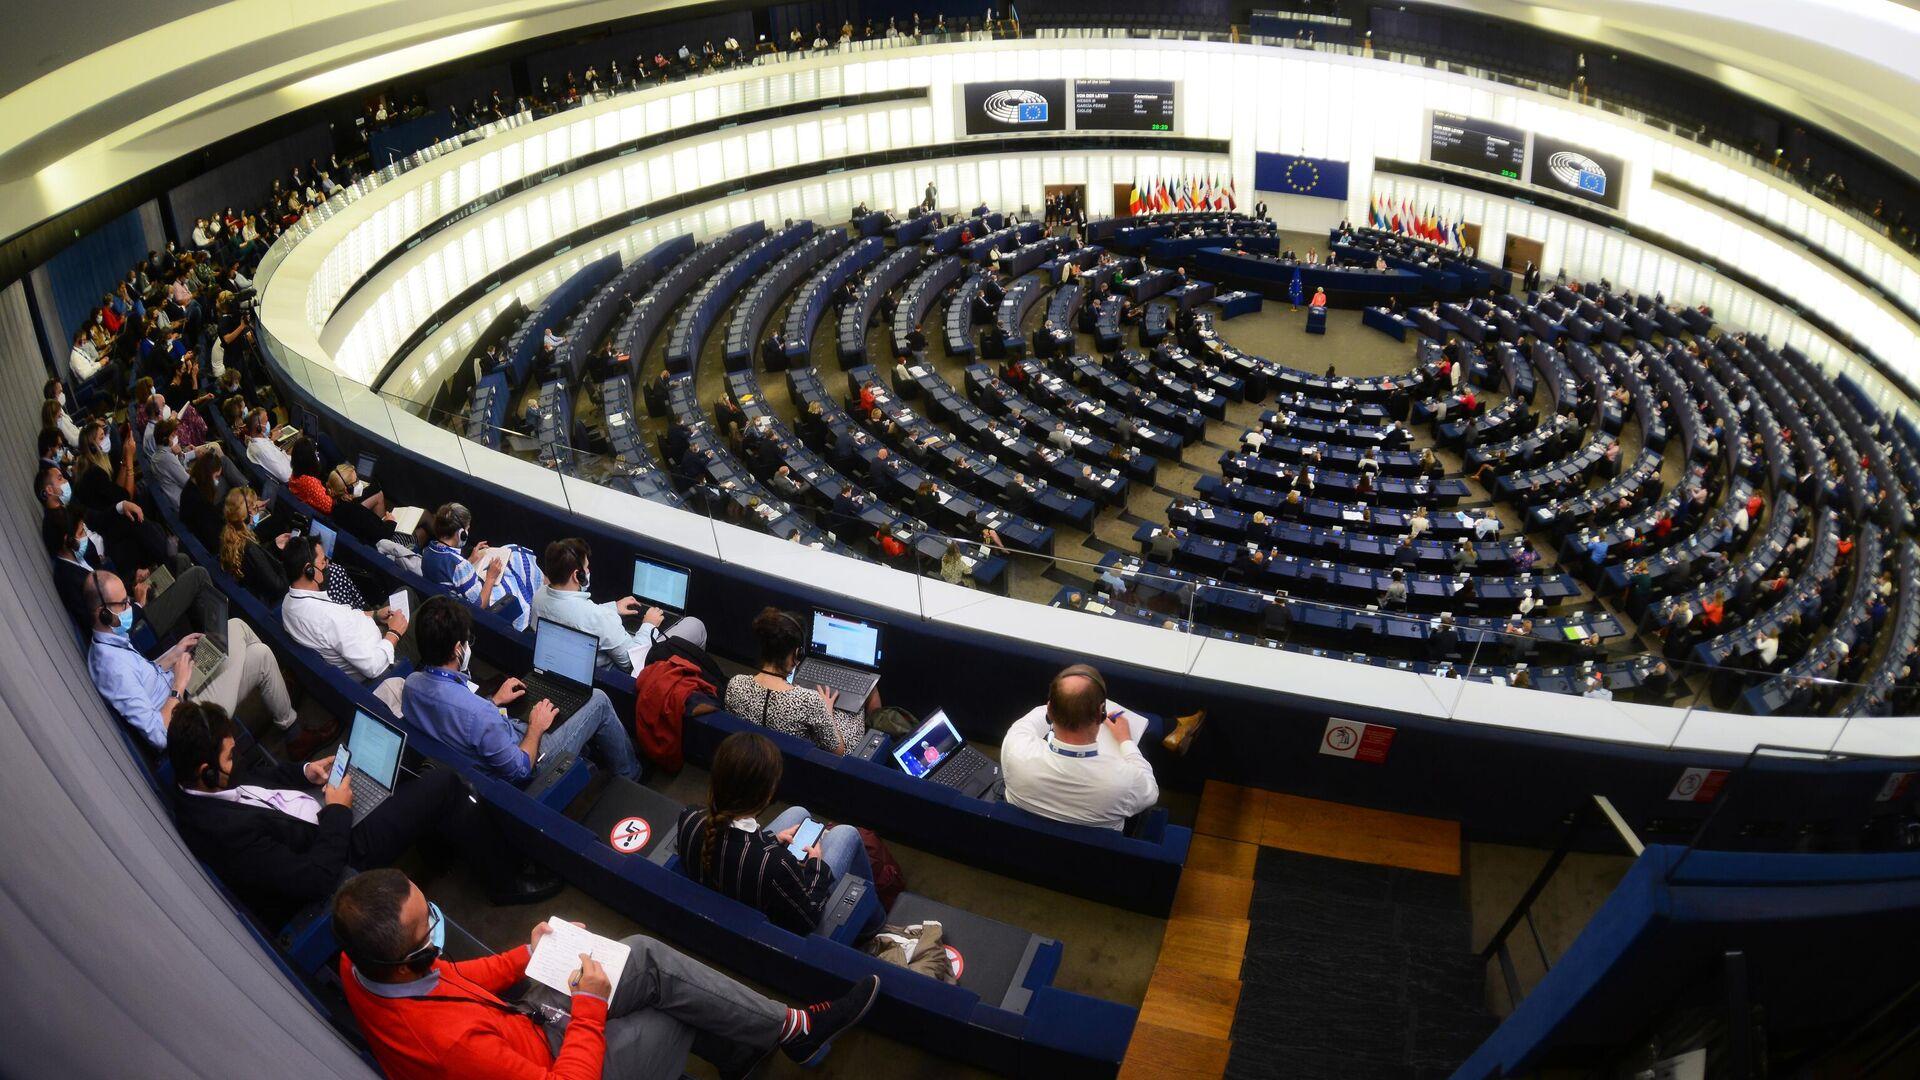 Депутаты на пленарной сессии Европейского парламента в Страсбурге - РИА Новости, 1920, 21.09.2021